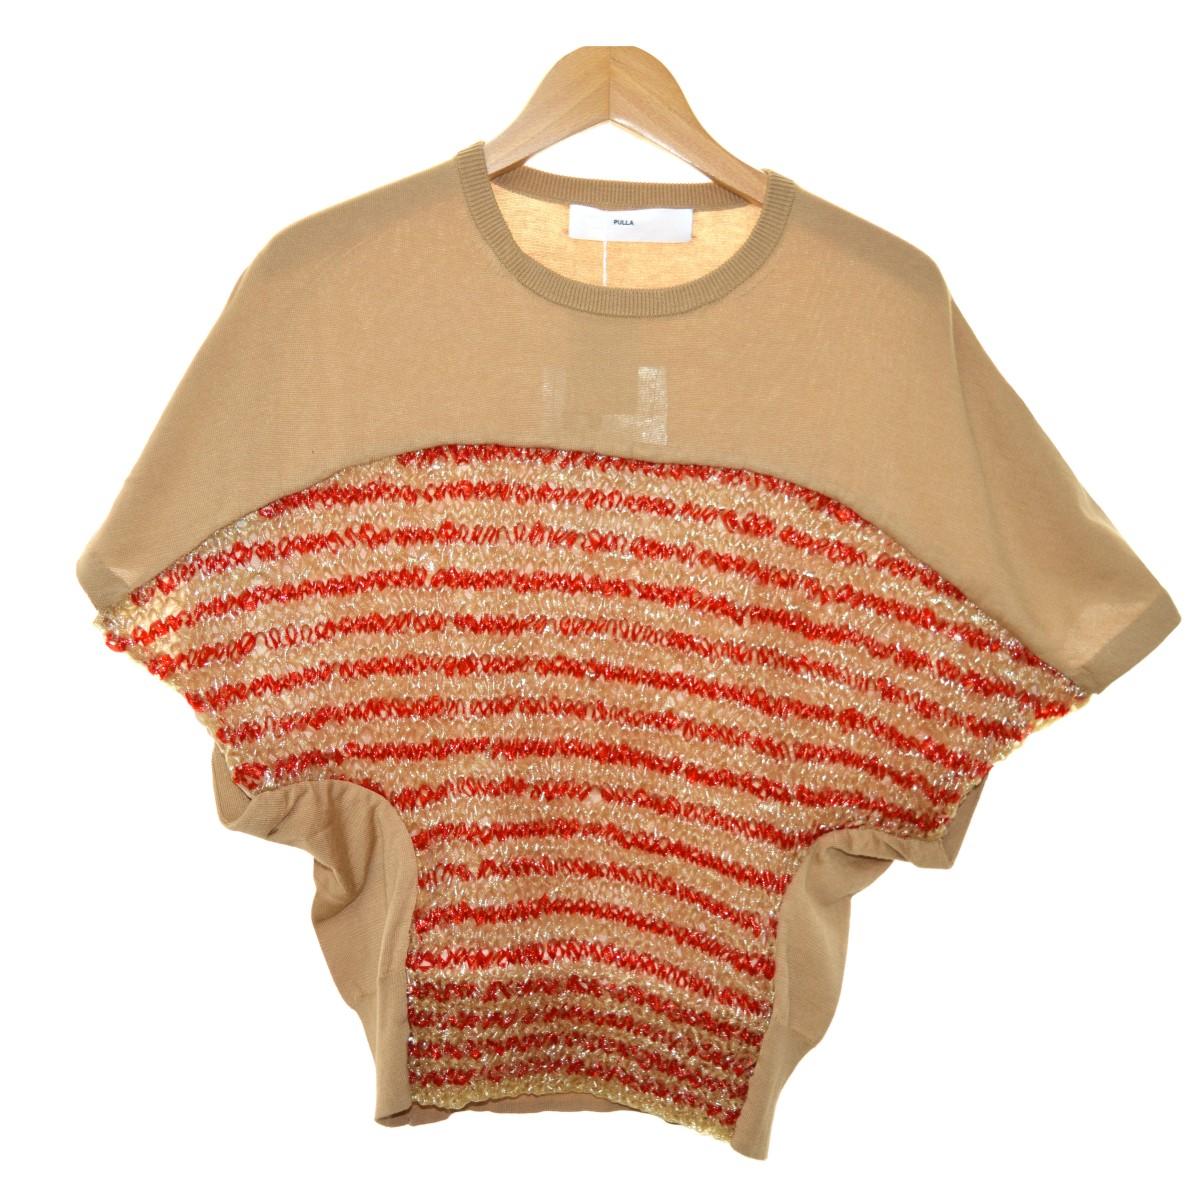 【中古】TOGA PULLA 16SS Enamel knit top 半袖ニット ベージュ サイズ:36 【150420】(トーガ プルラ)